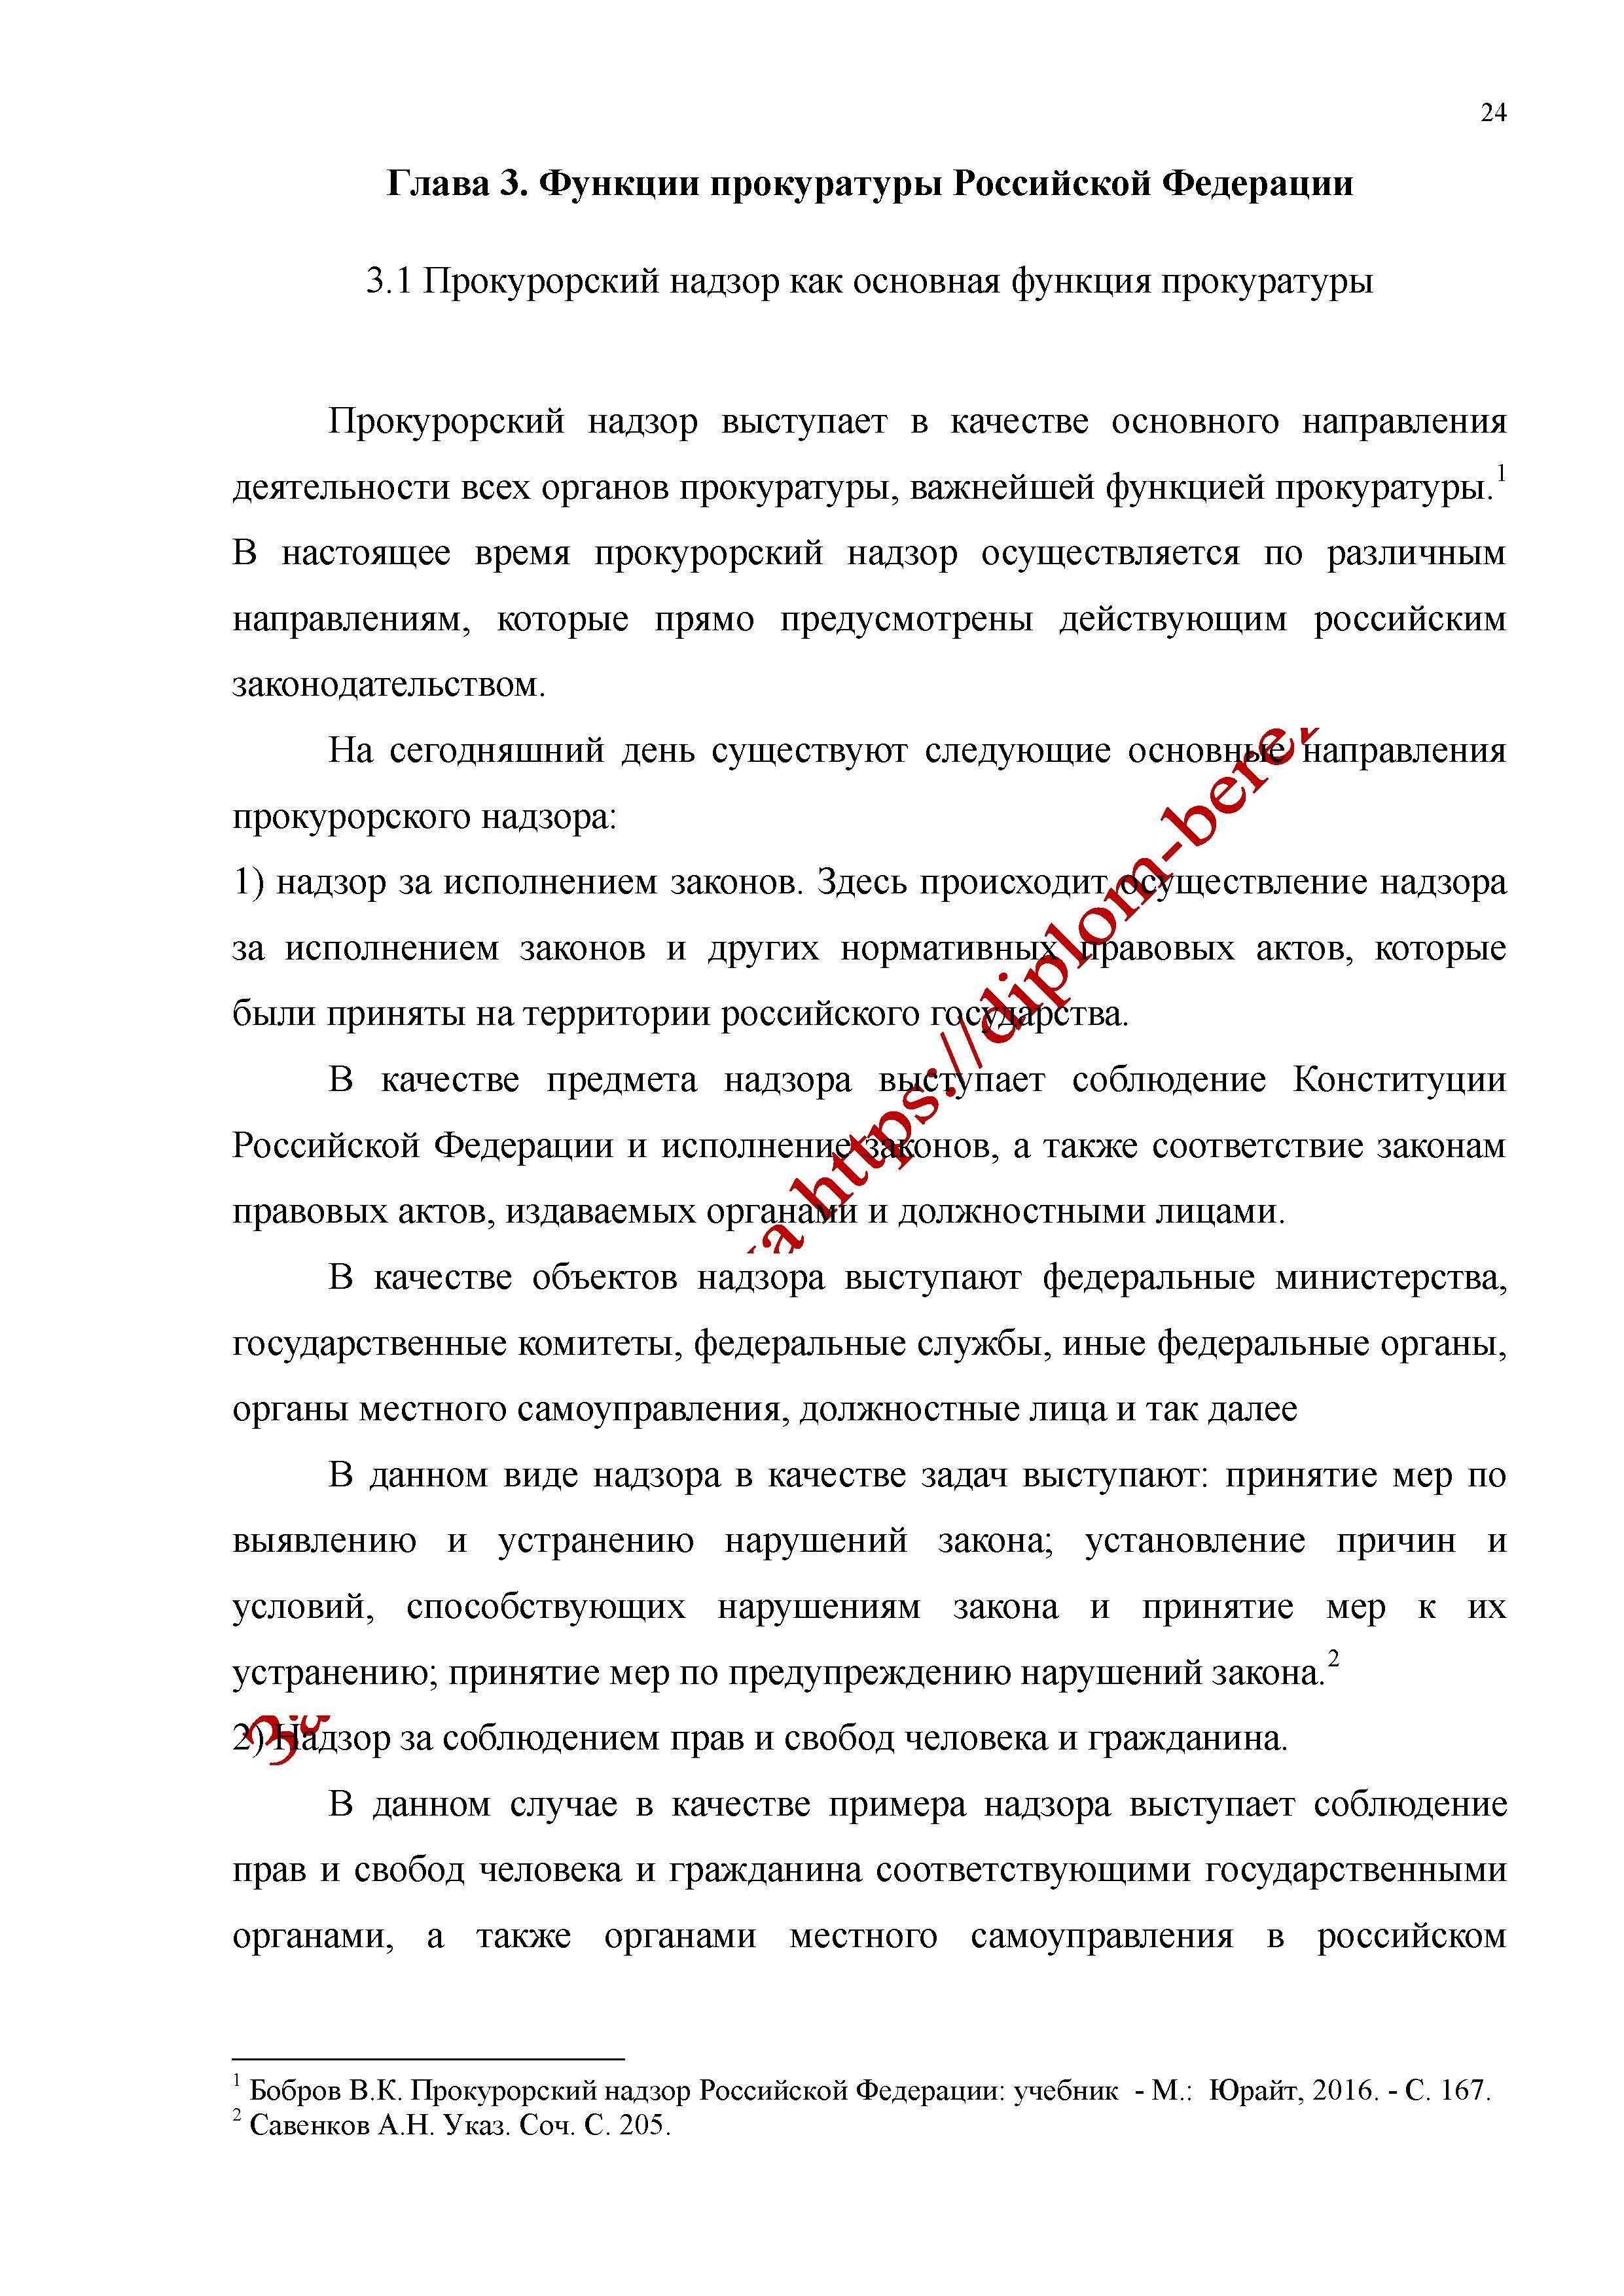 Концепция Судебной реформы в Российской Федерации